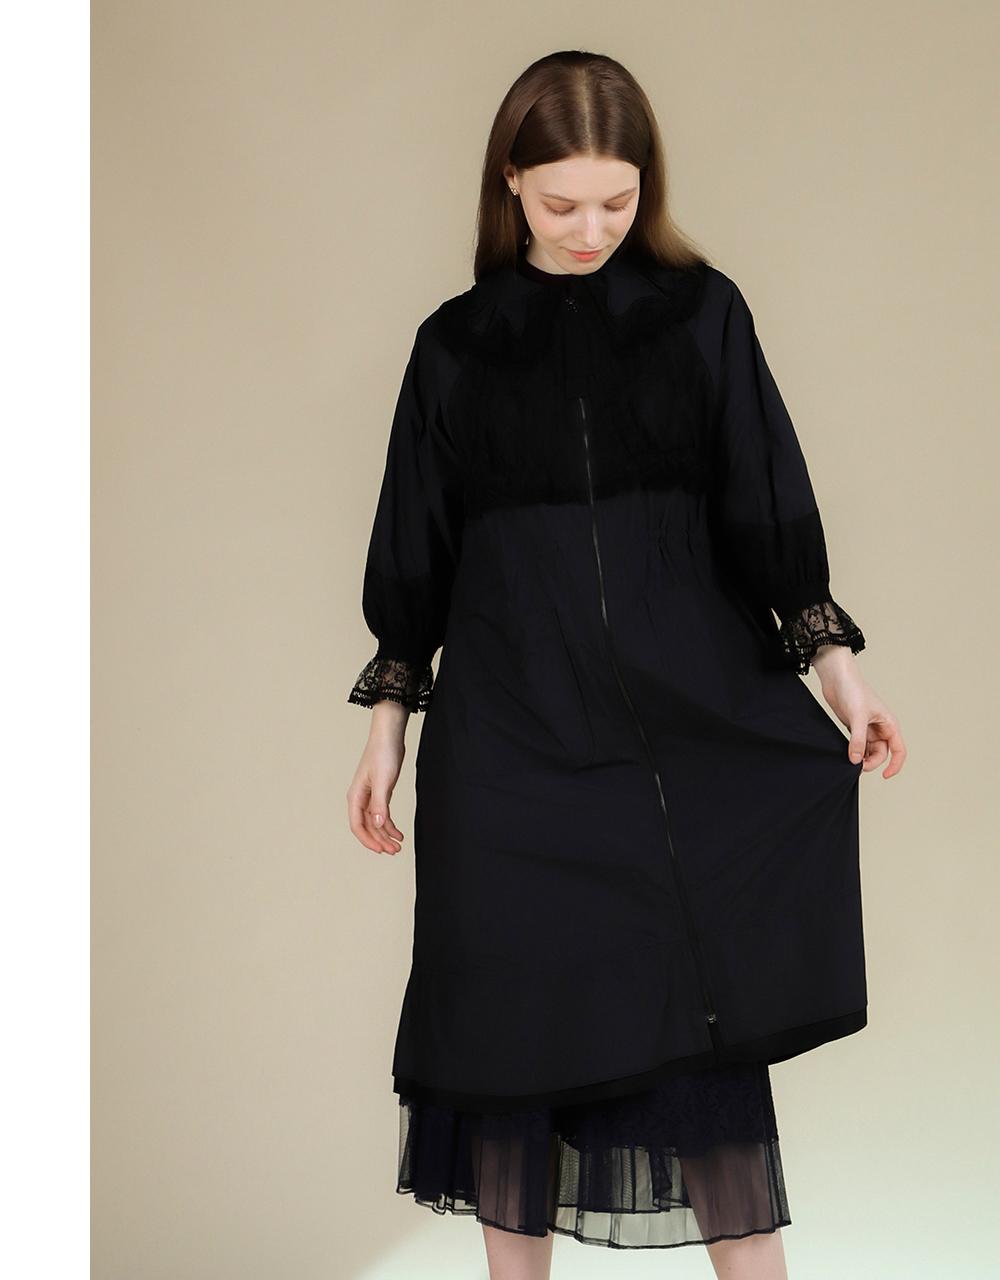 코트 모델 착용 이미지-S2L11